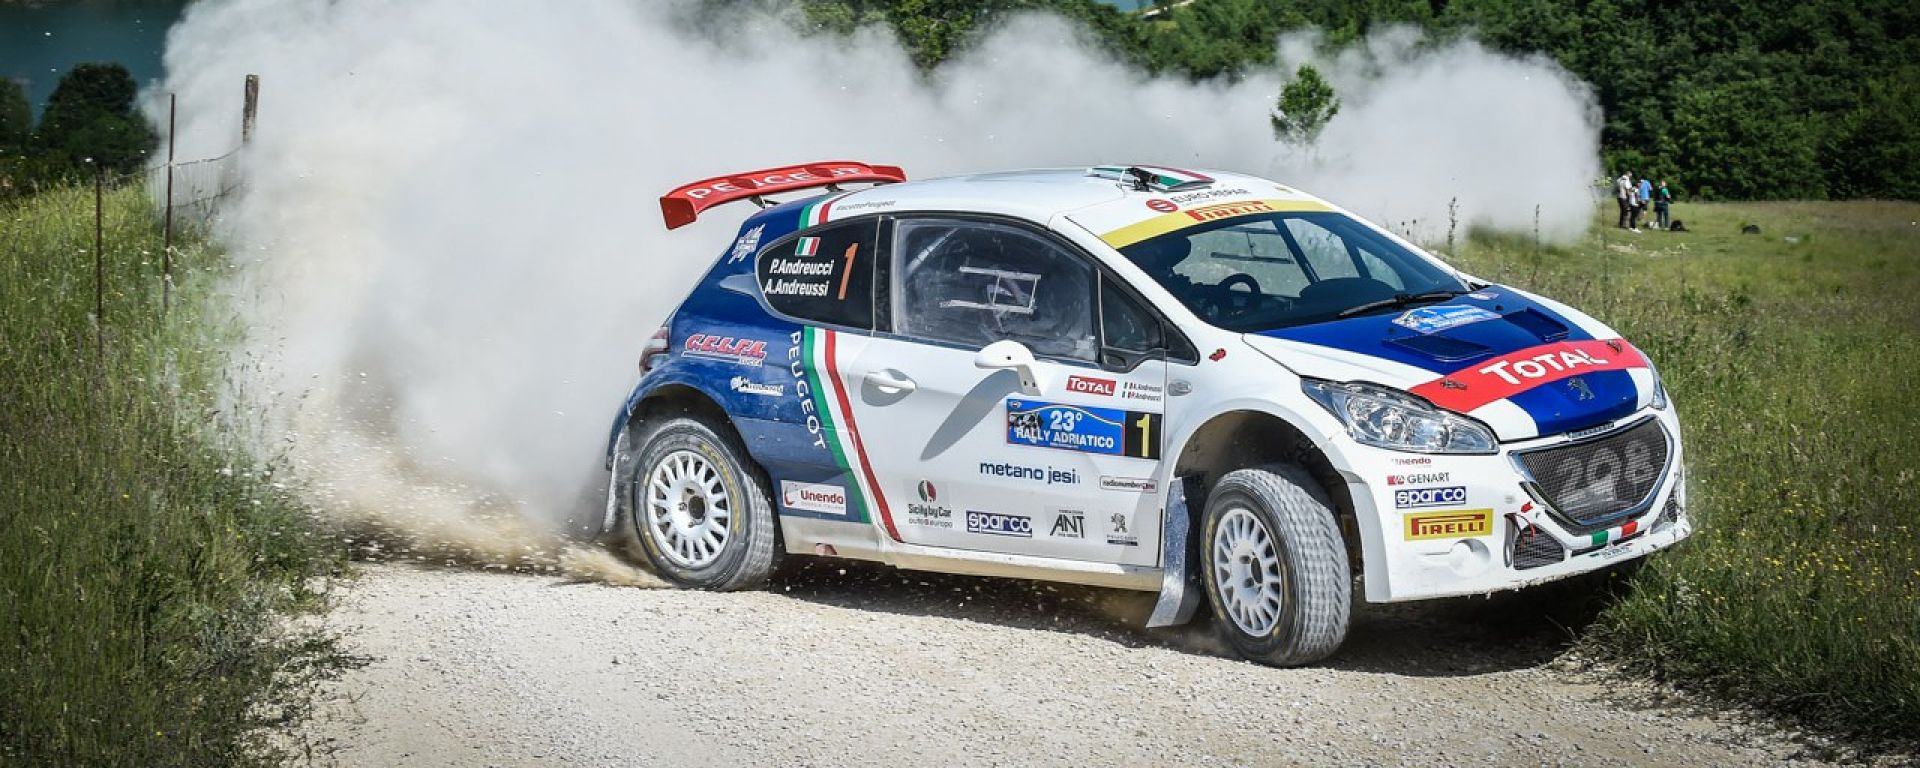 CIR Rally San Marino - Paolo Andreucci e la Peugeot 208 T16 hanno voglia di riscatto